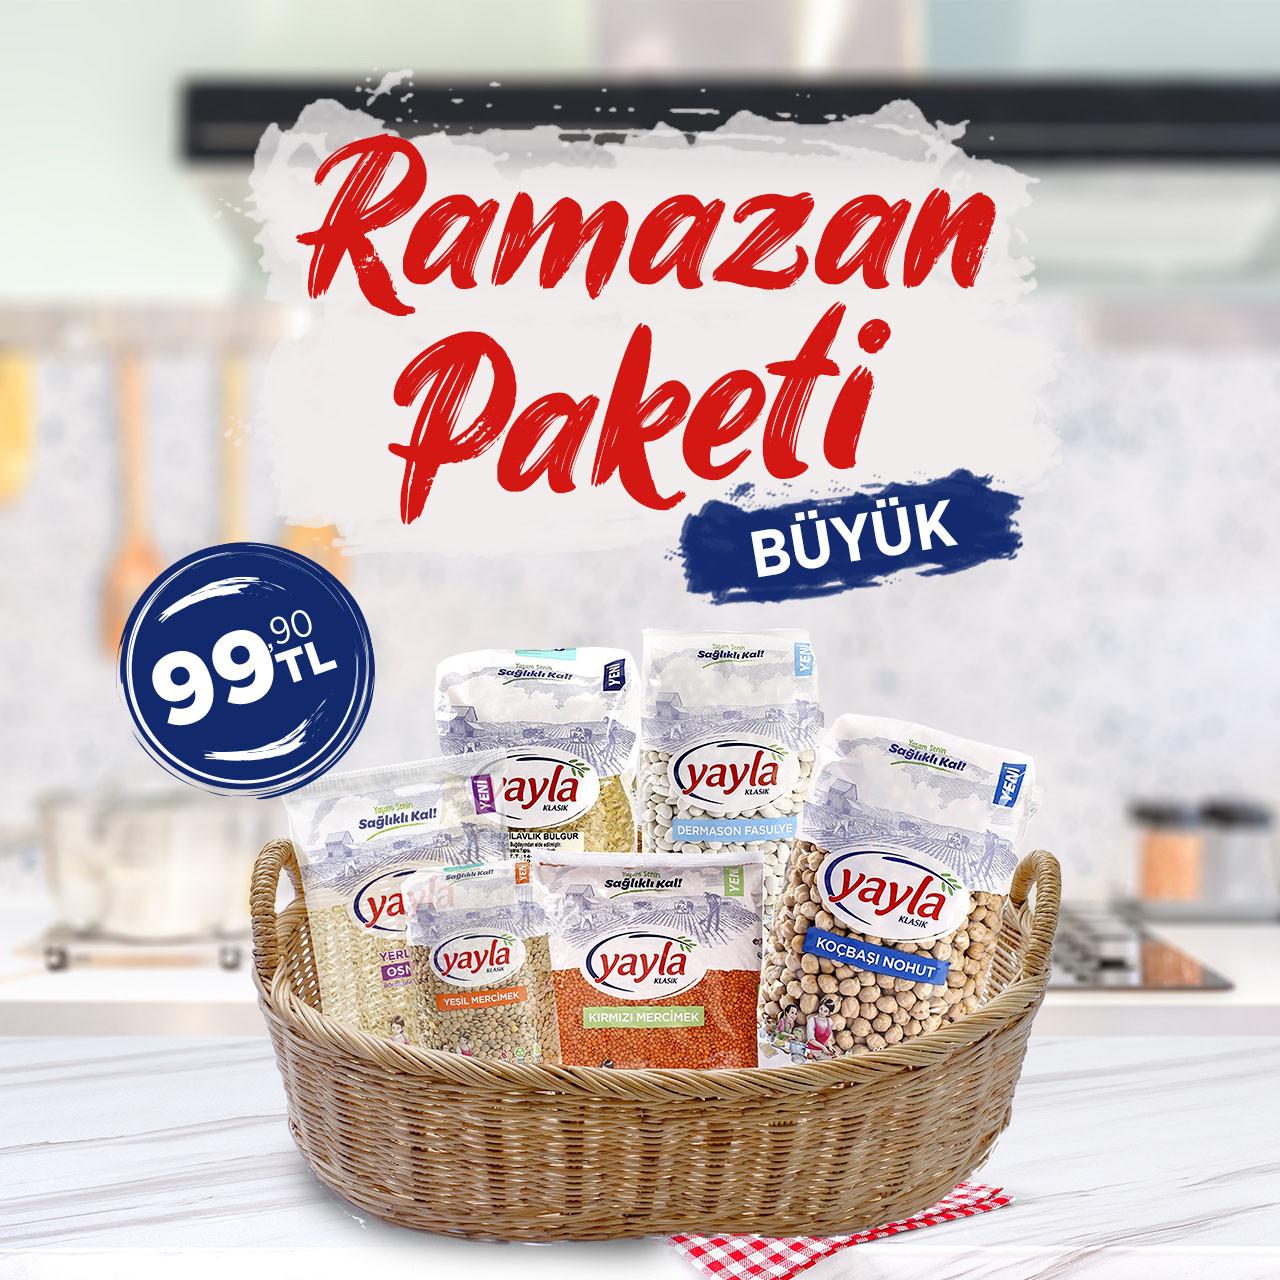 Ramazan Paketi - Büyük